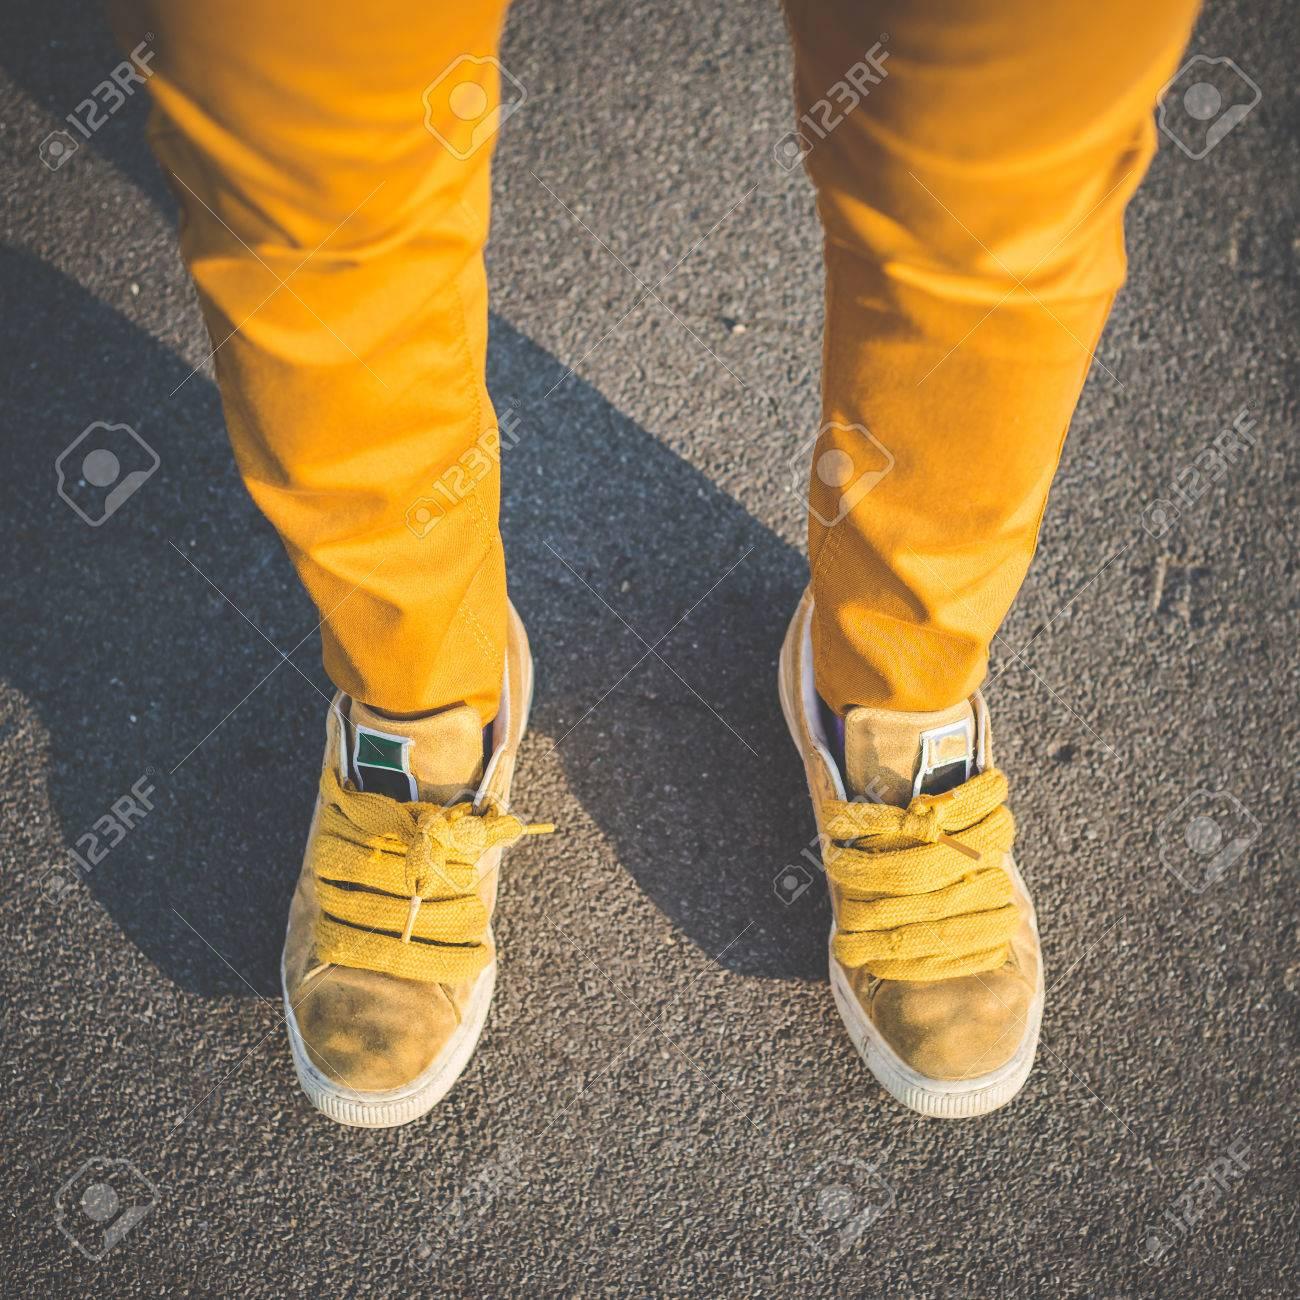 une autre chance luxuriant dans la conception profiter du prix le plus bas Vicino di scarpe gialle gambe di giovani bella donna pantaloni a vita bassa  in città